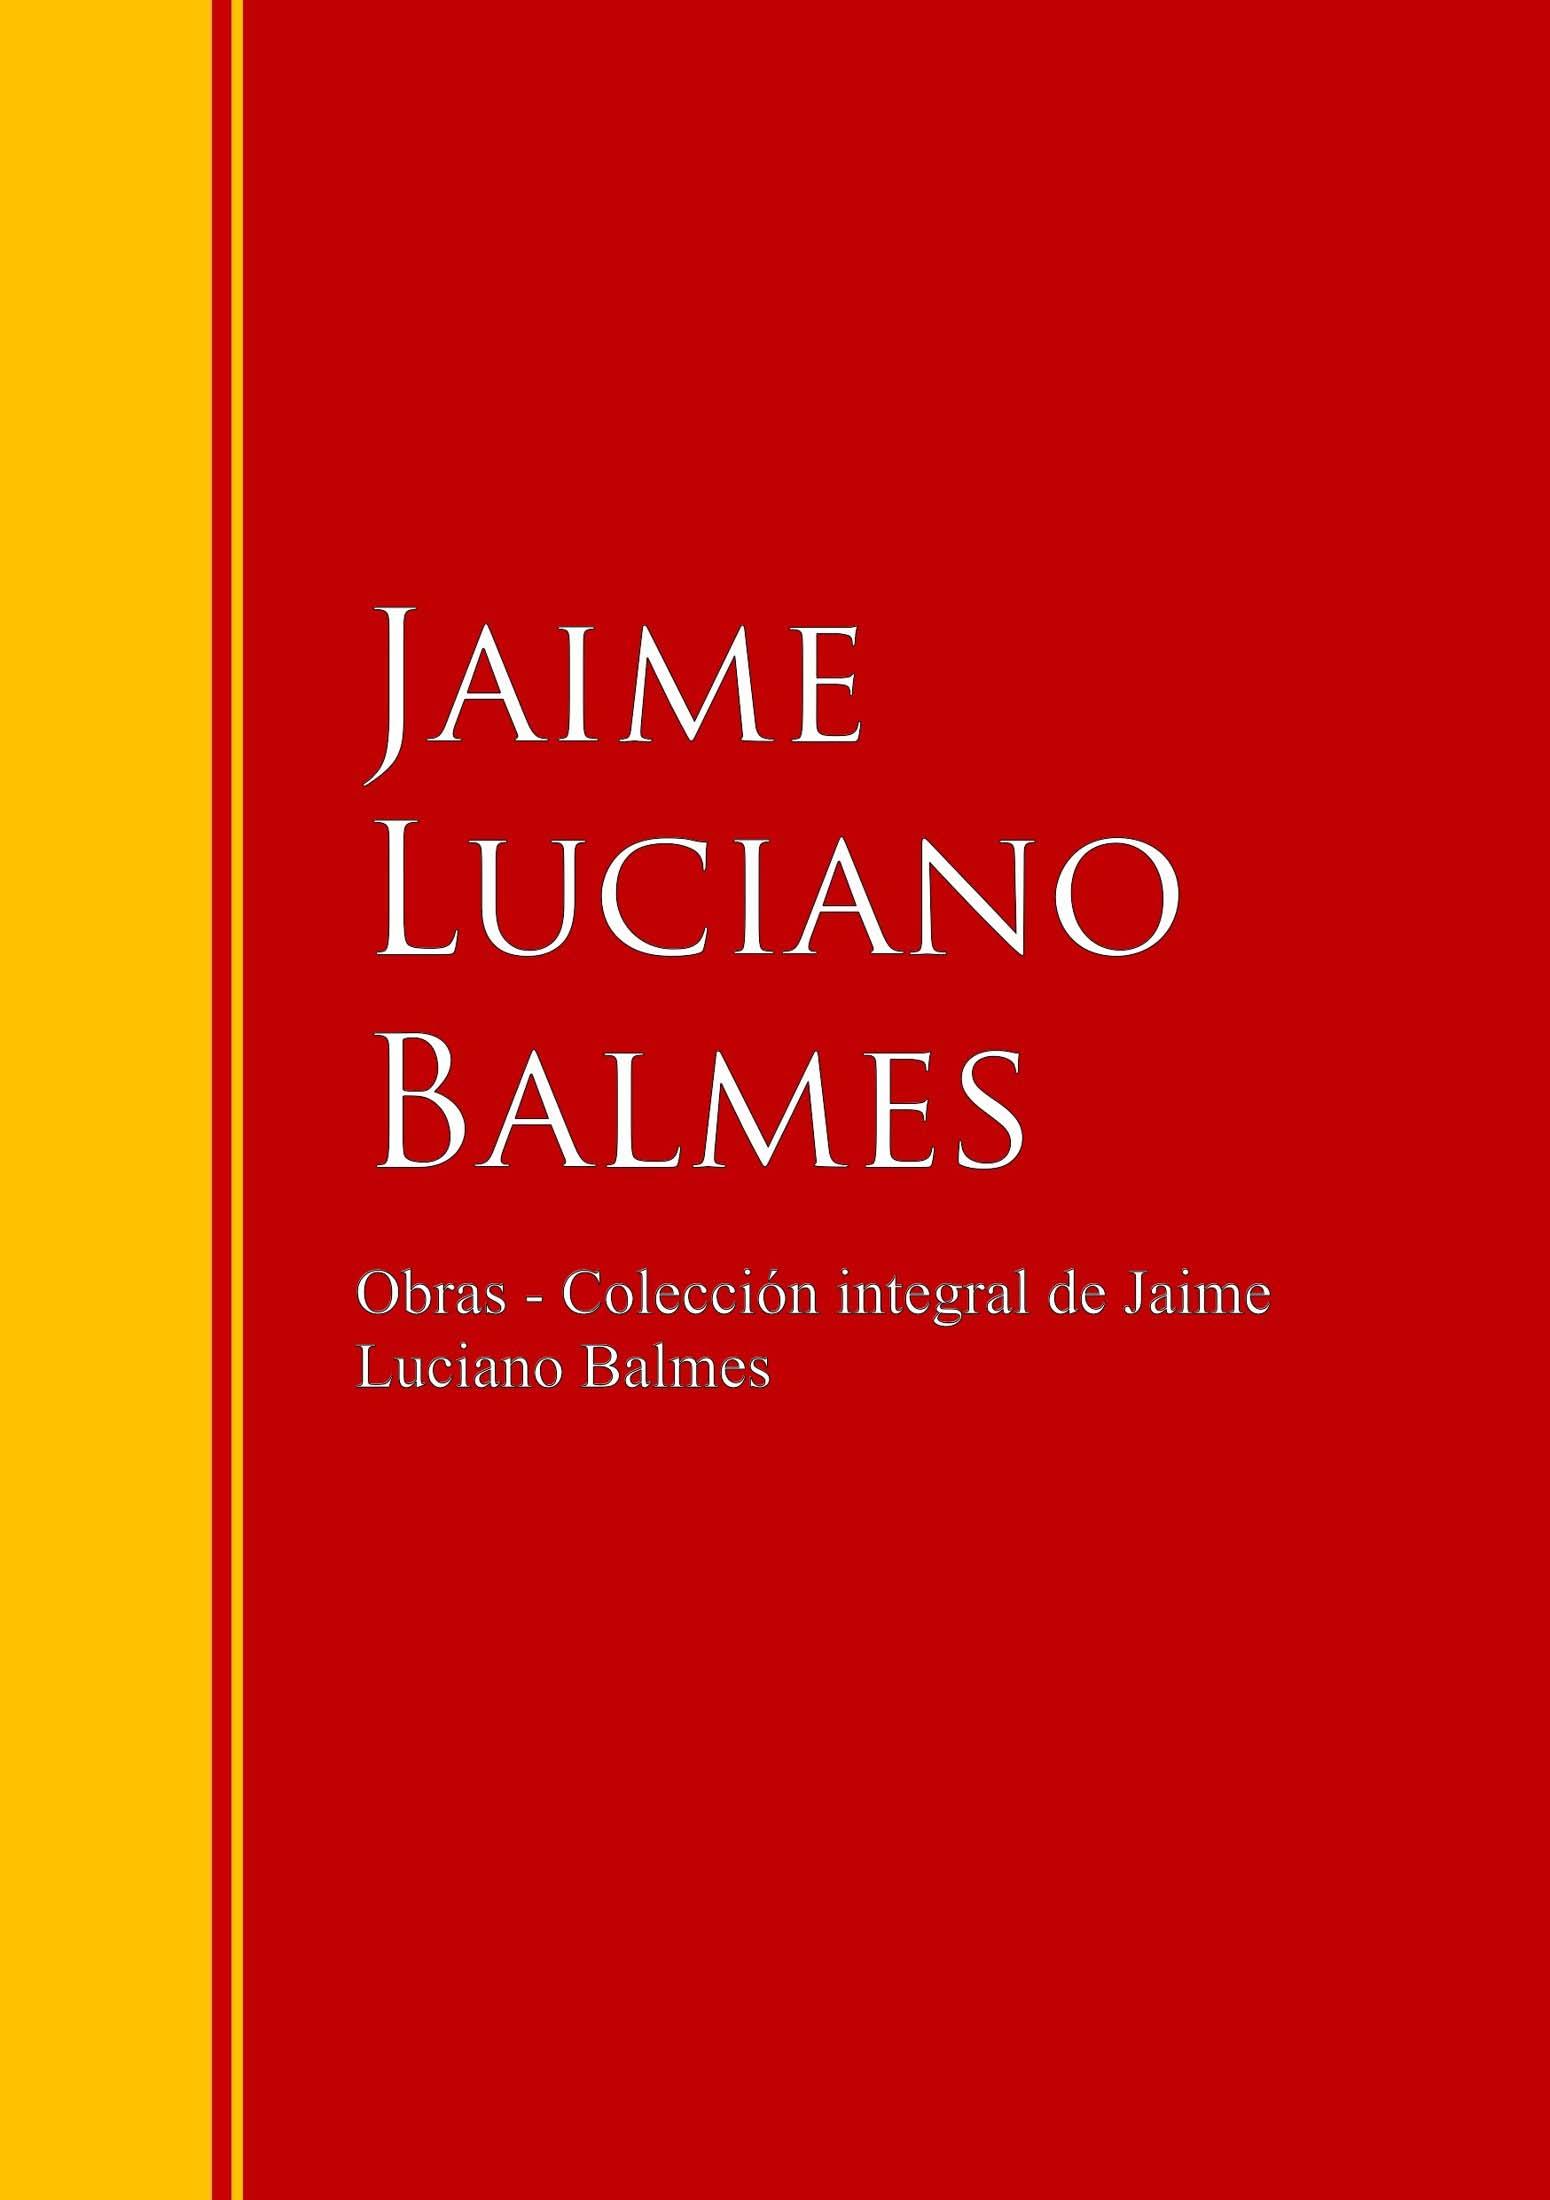 Jaime Luciano Balmes Obras - Colección de Jaime Luciano Balmes